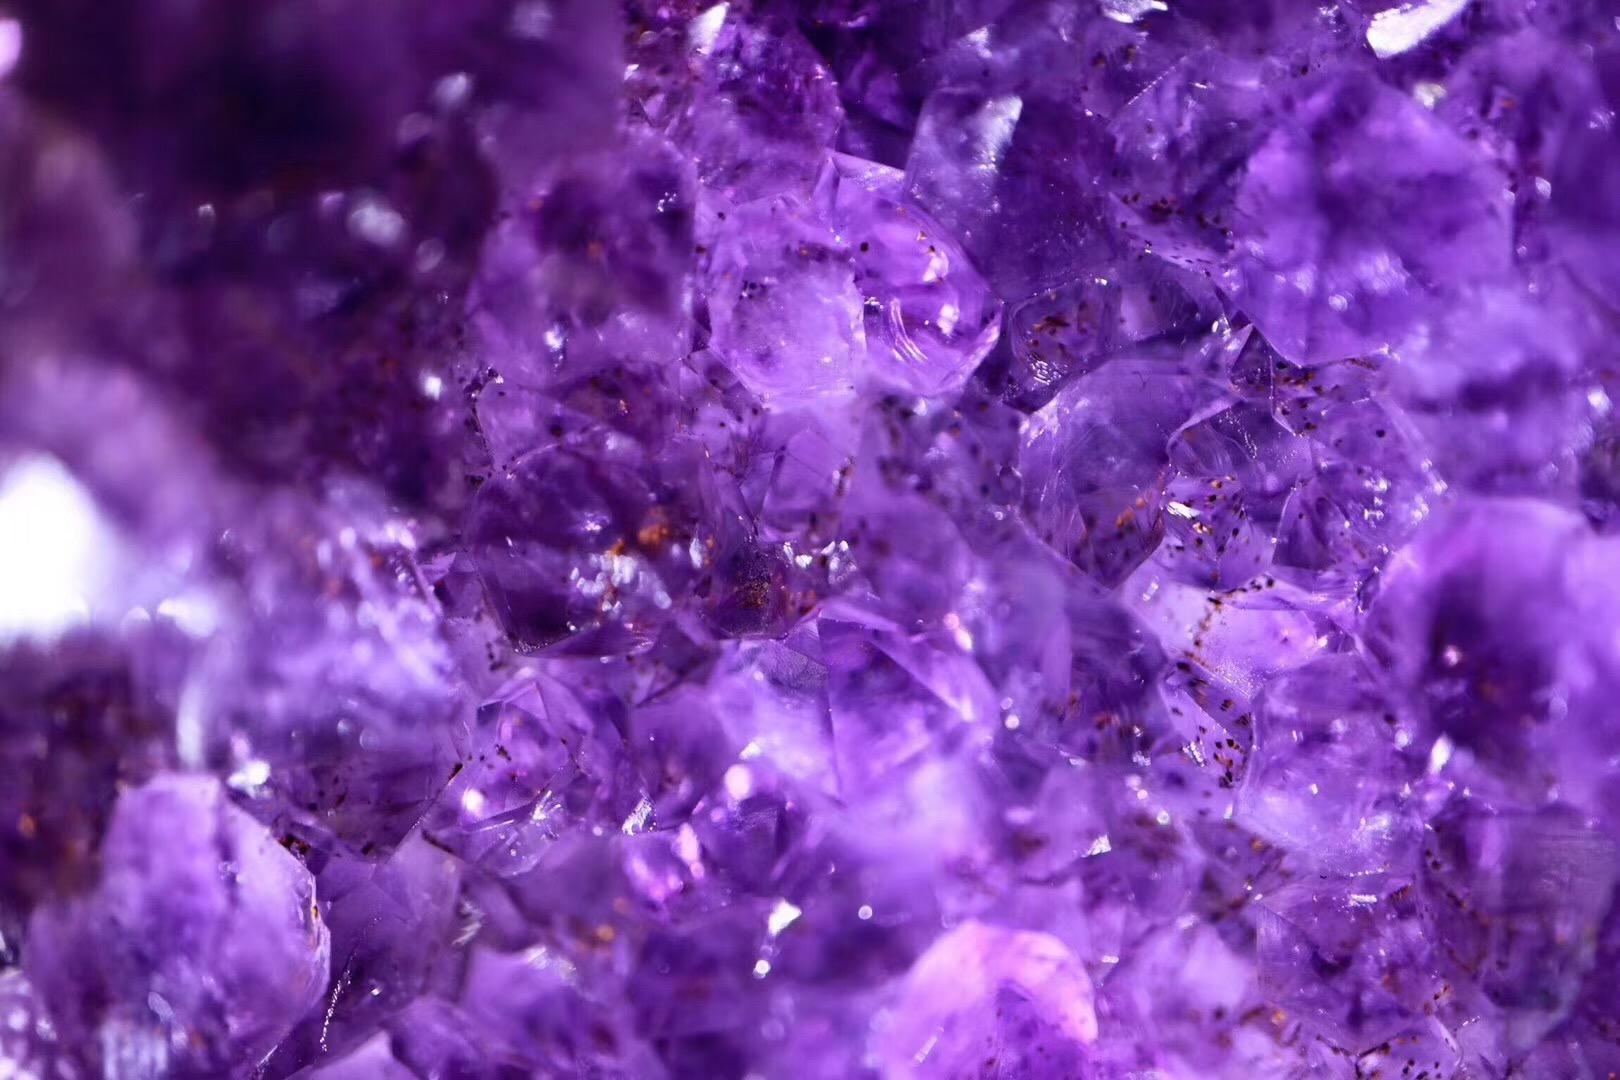 【收藏级原矿绿皮紫晶洞】形好且洞深,淡淡的紫色魅力十足-菩心晶舍